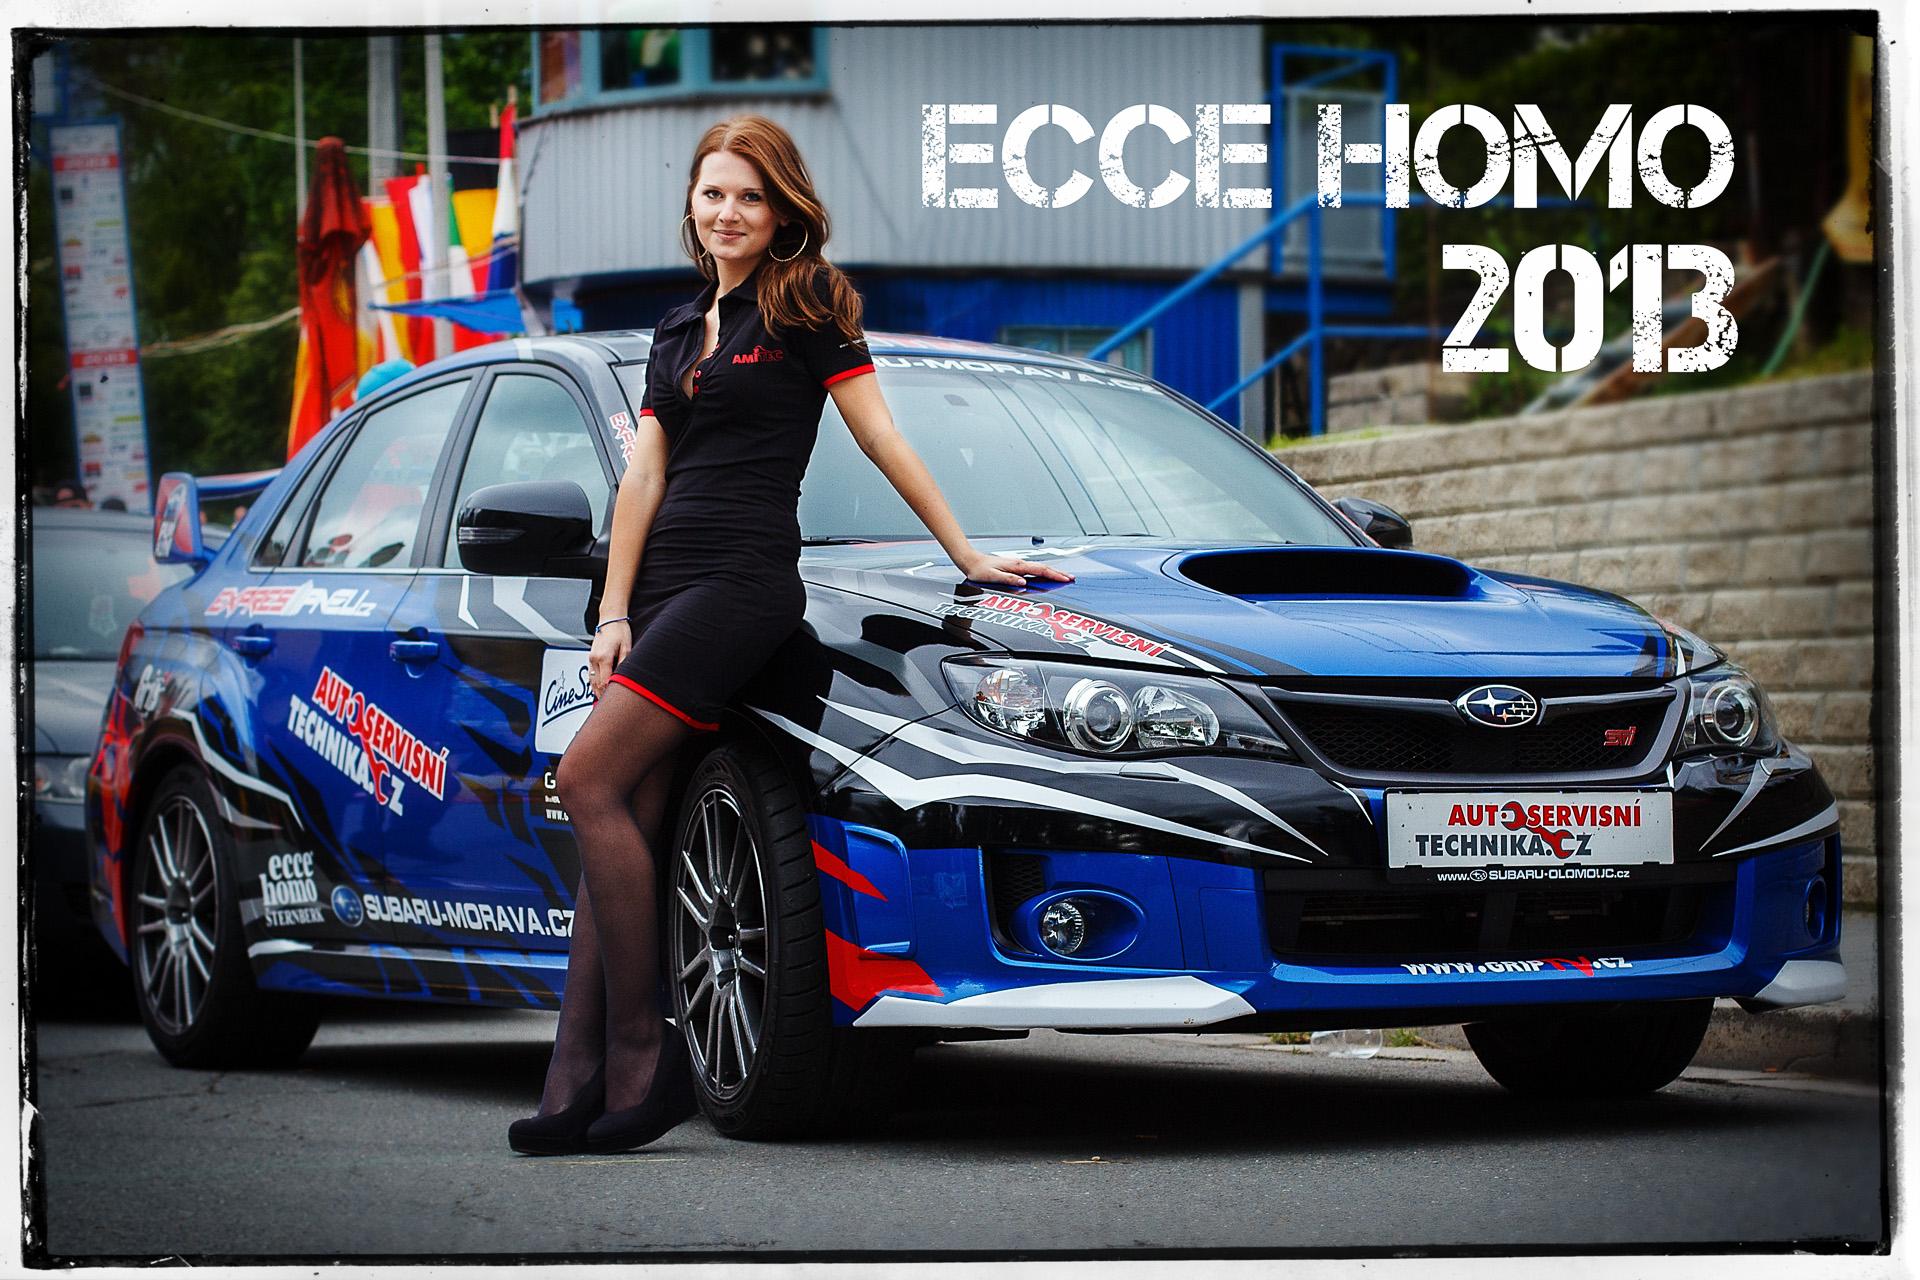 Ecce Homo 2013